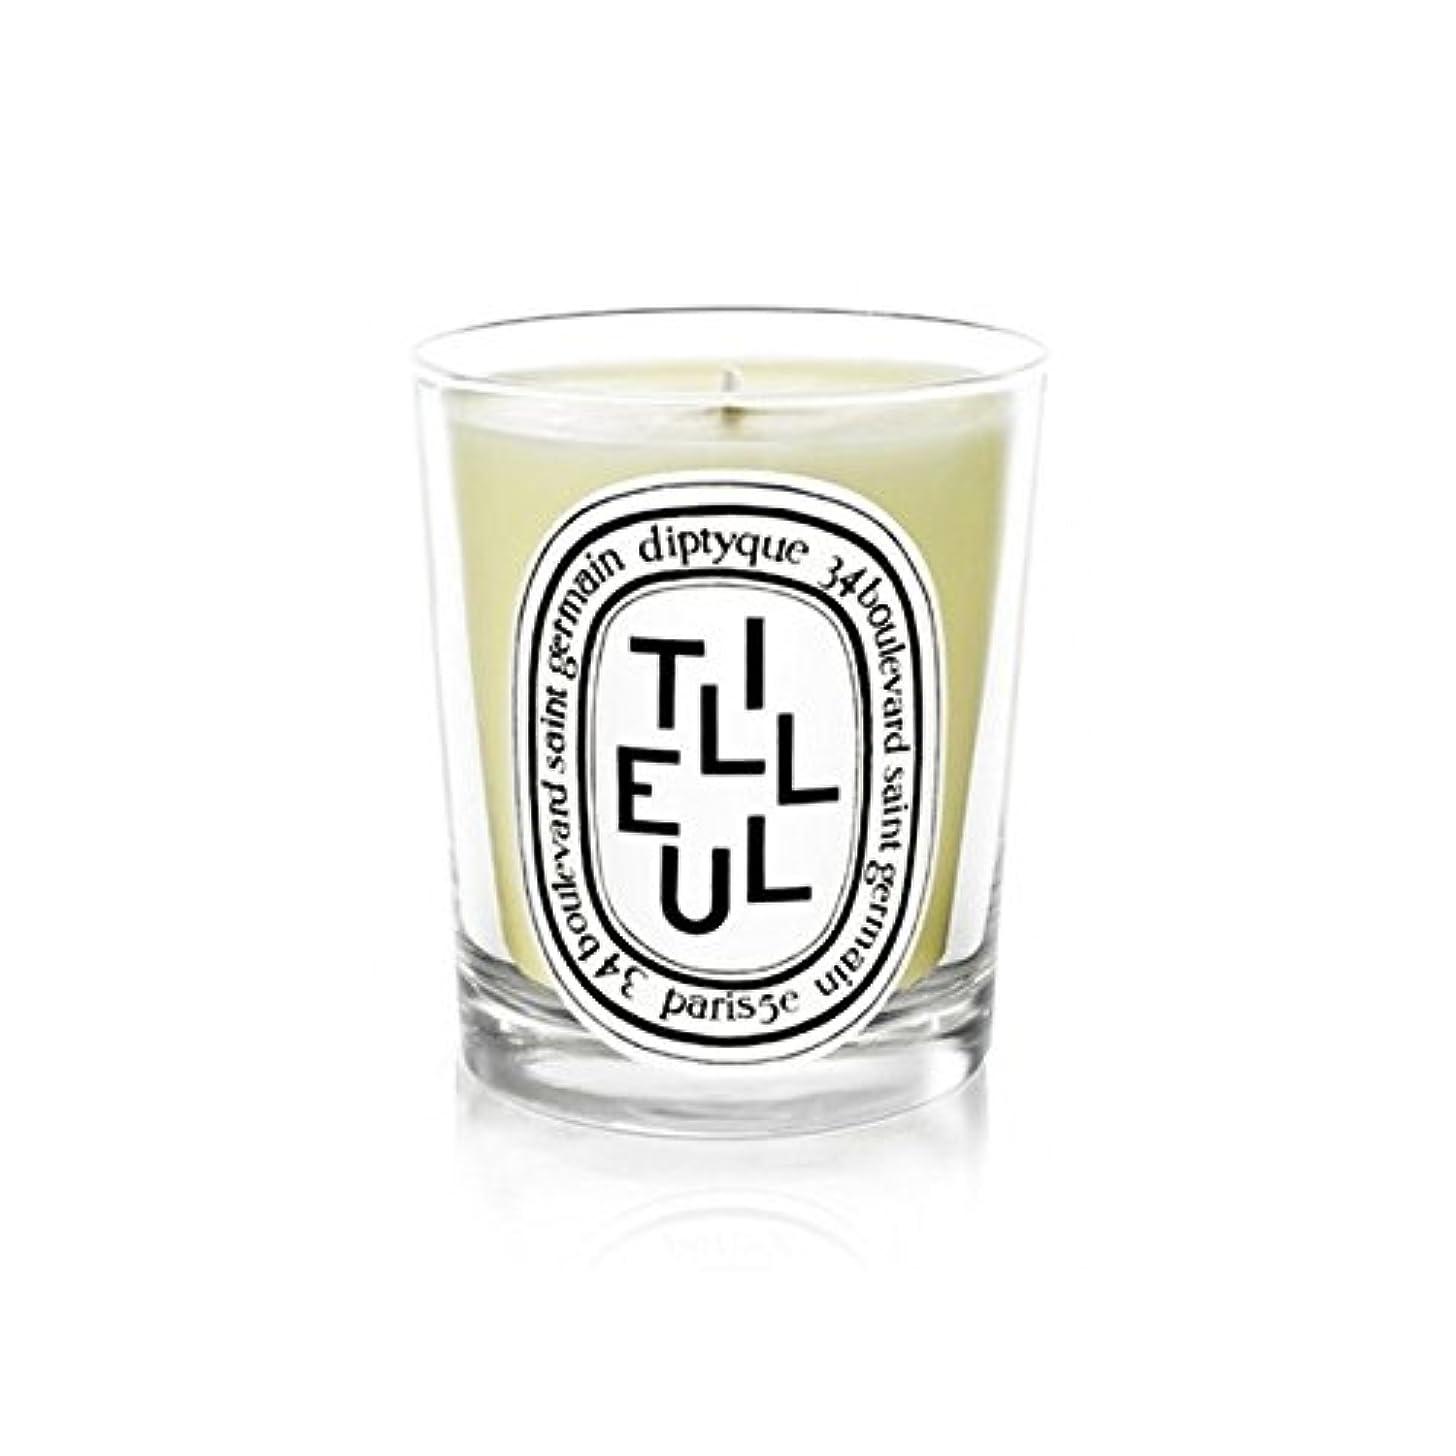 特許コジオスコ申し立てるDiptyque Candle Tilleul / Linden Tree 190g (Pack of 2) - DiptyqueキャンドルTilleulの/菩提樹の190グラム (x2) [並行輸入品]